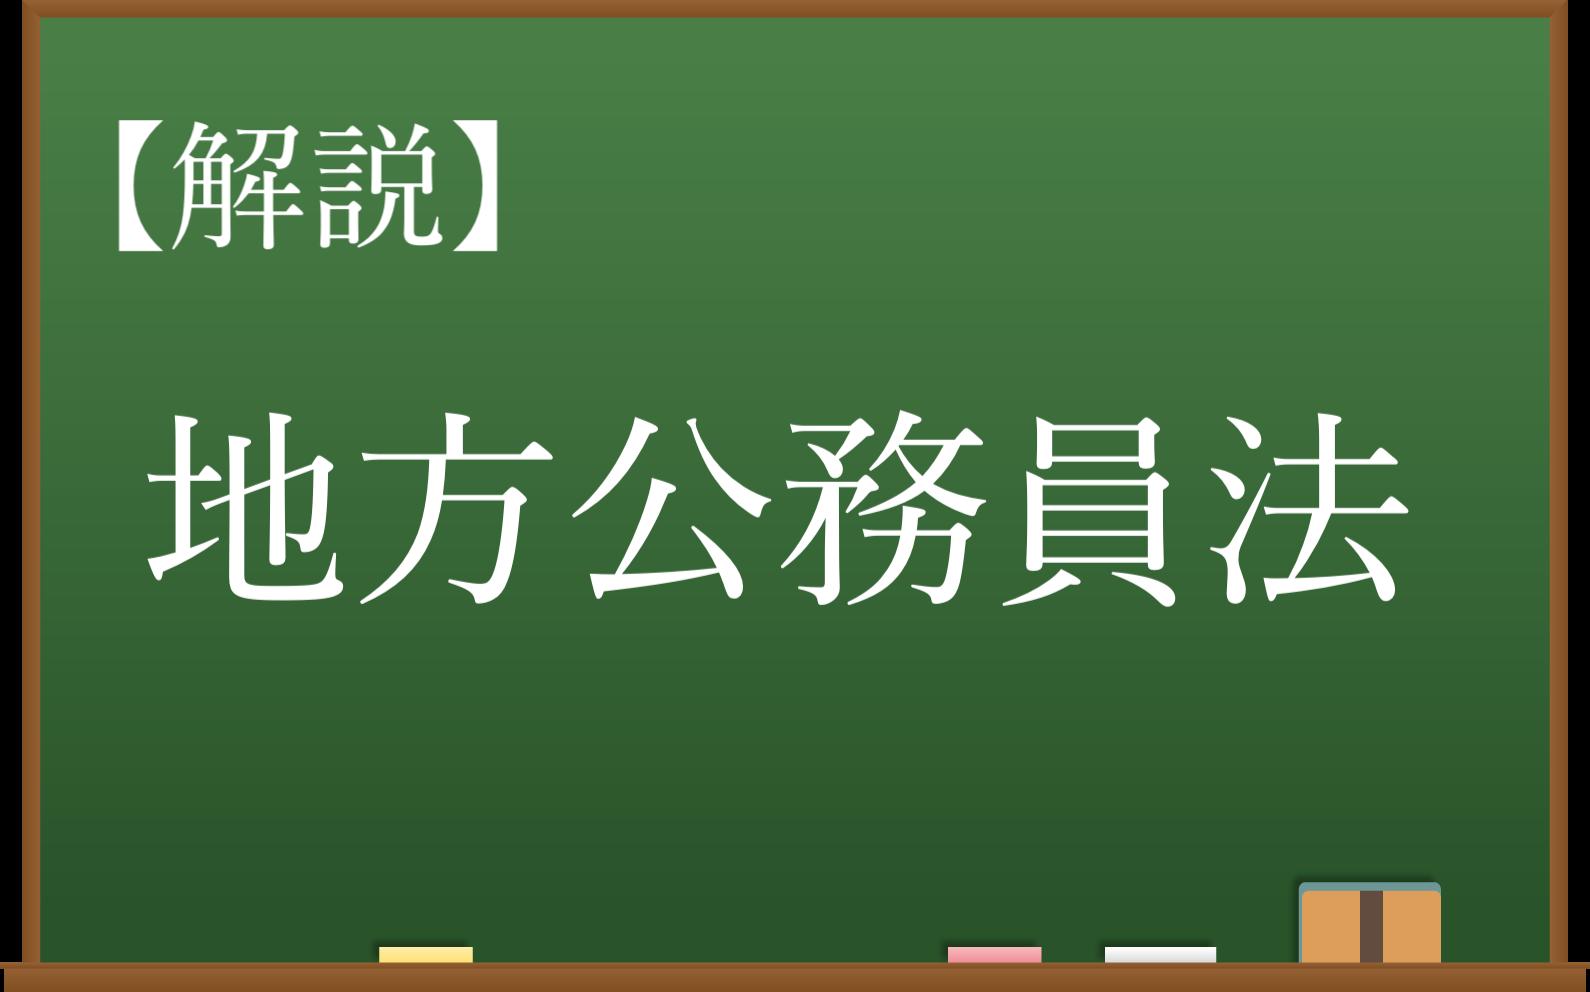 【初心者向け】地方公務員法をわかりやすく解説